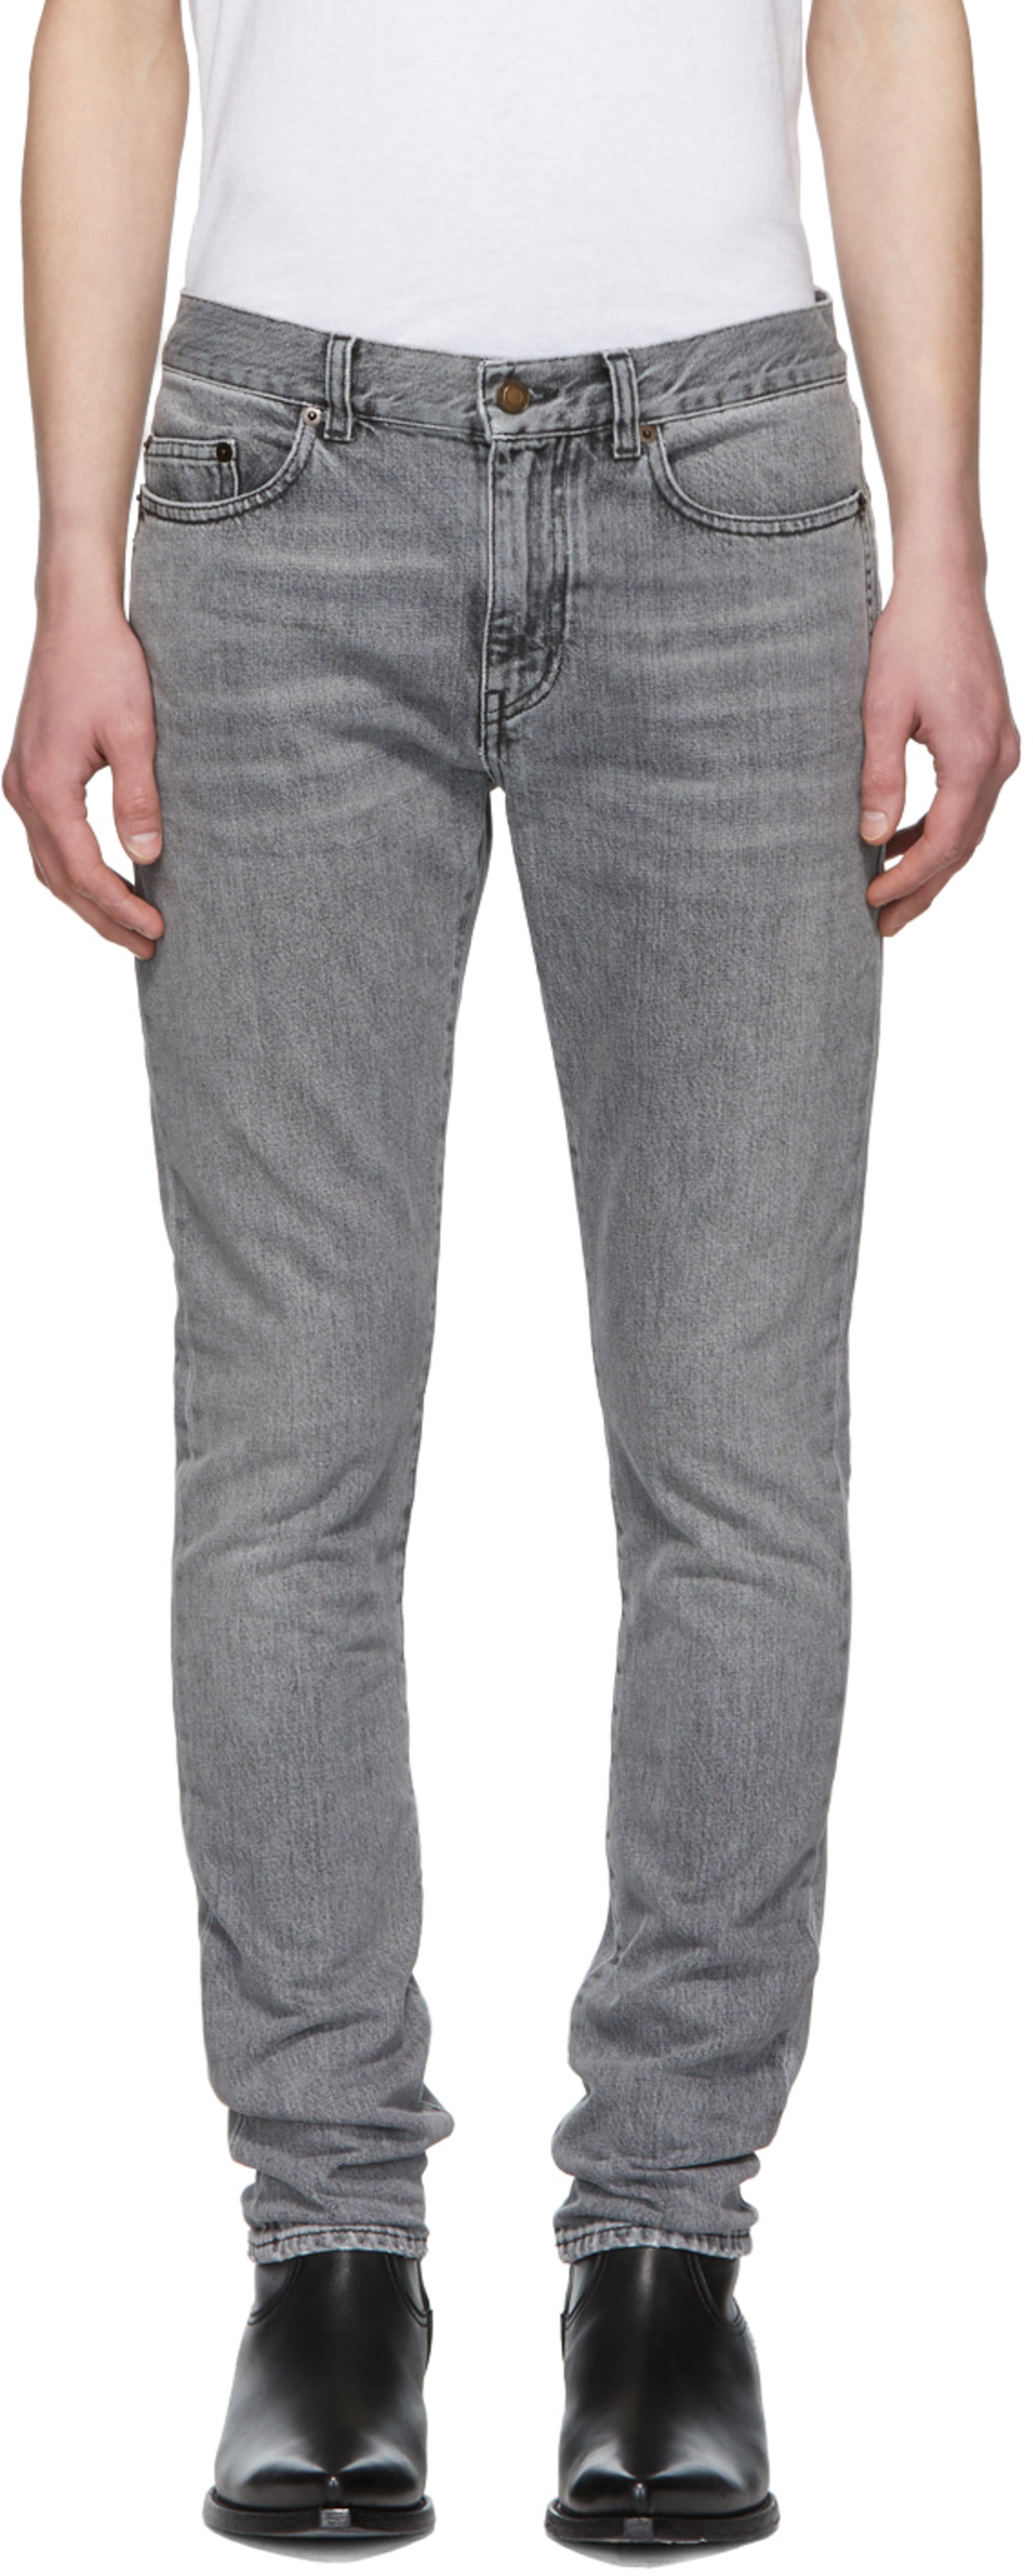 754945c5e870 Saint Laurent jeans pour Hommes